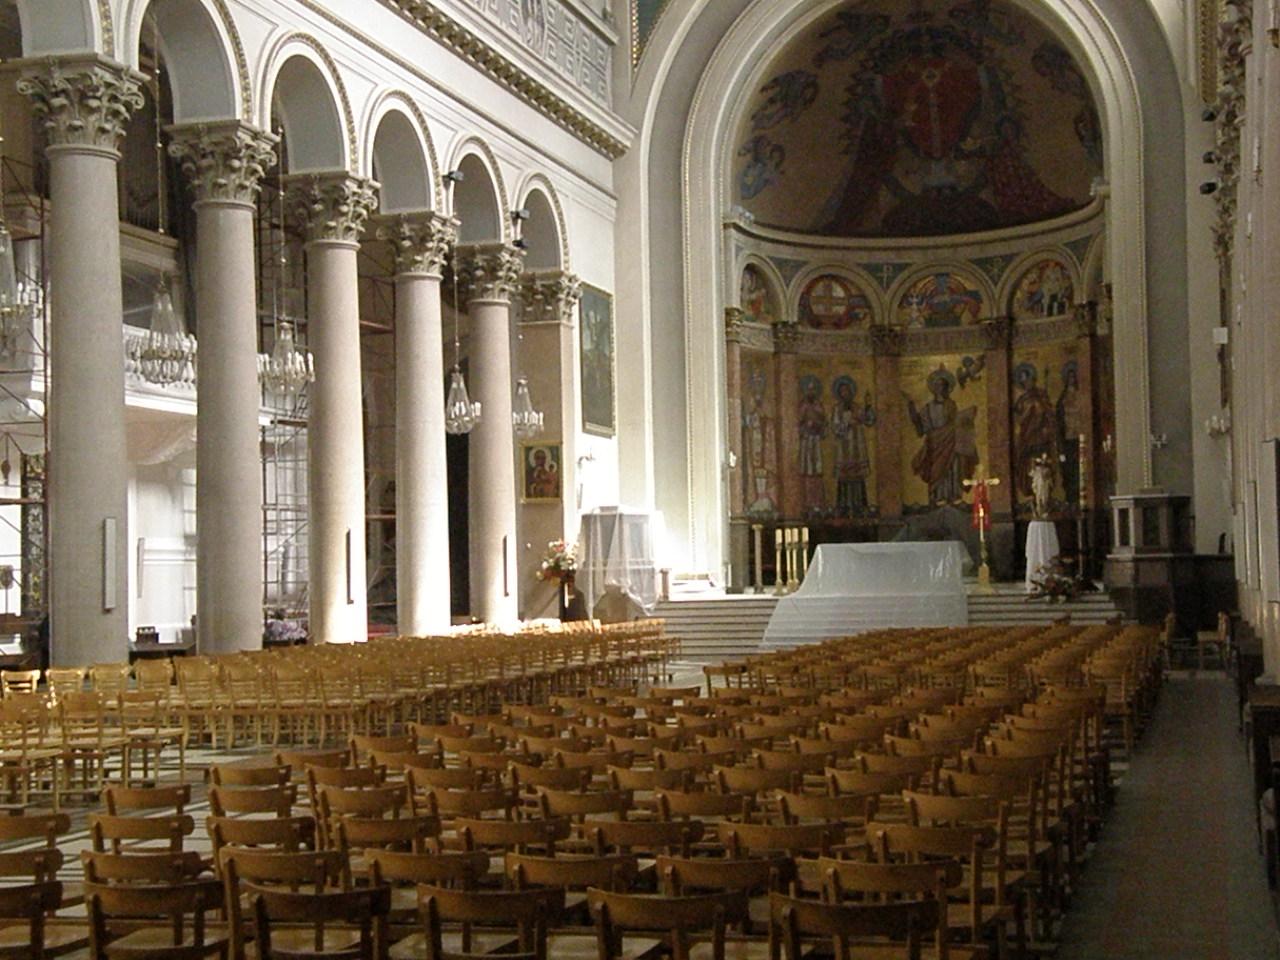 Msze Święte z Bazyliki na żywo przez internet